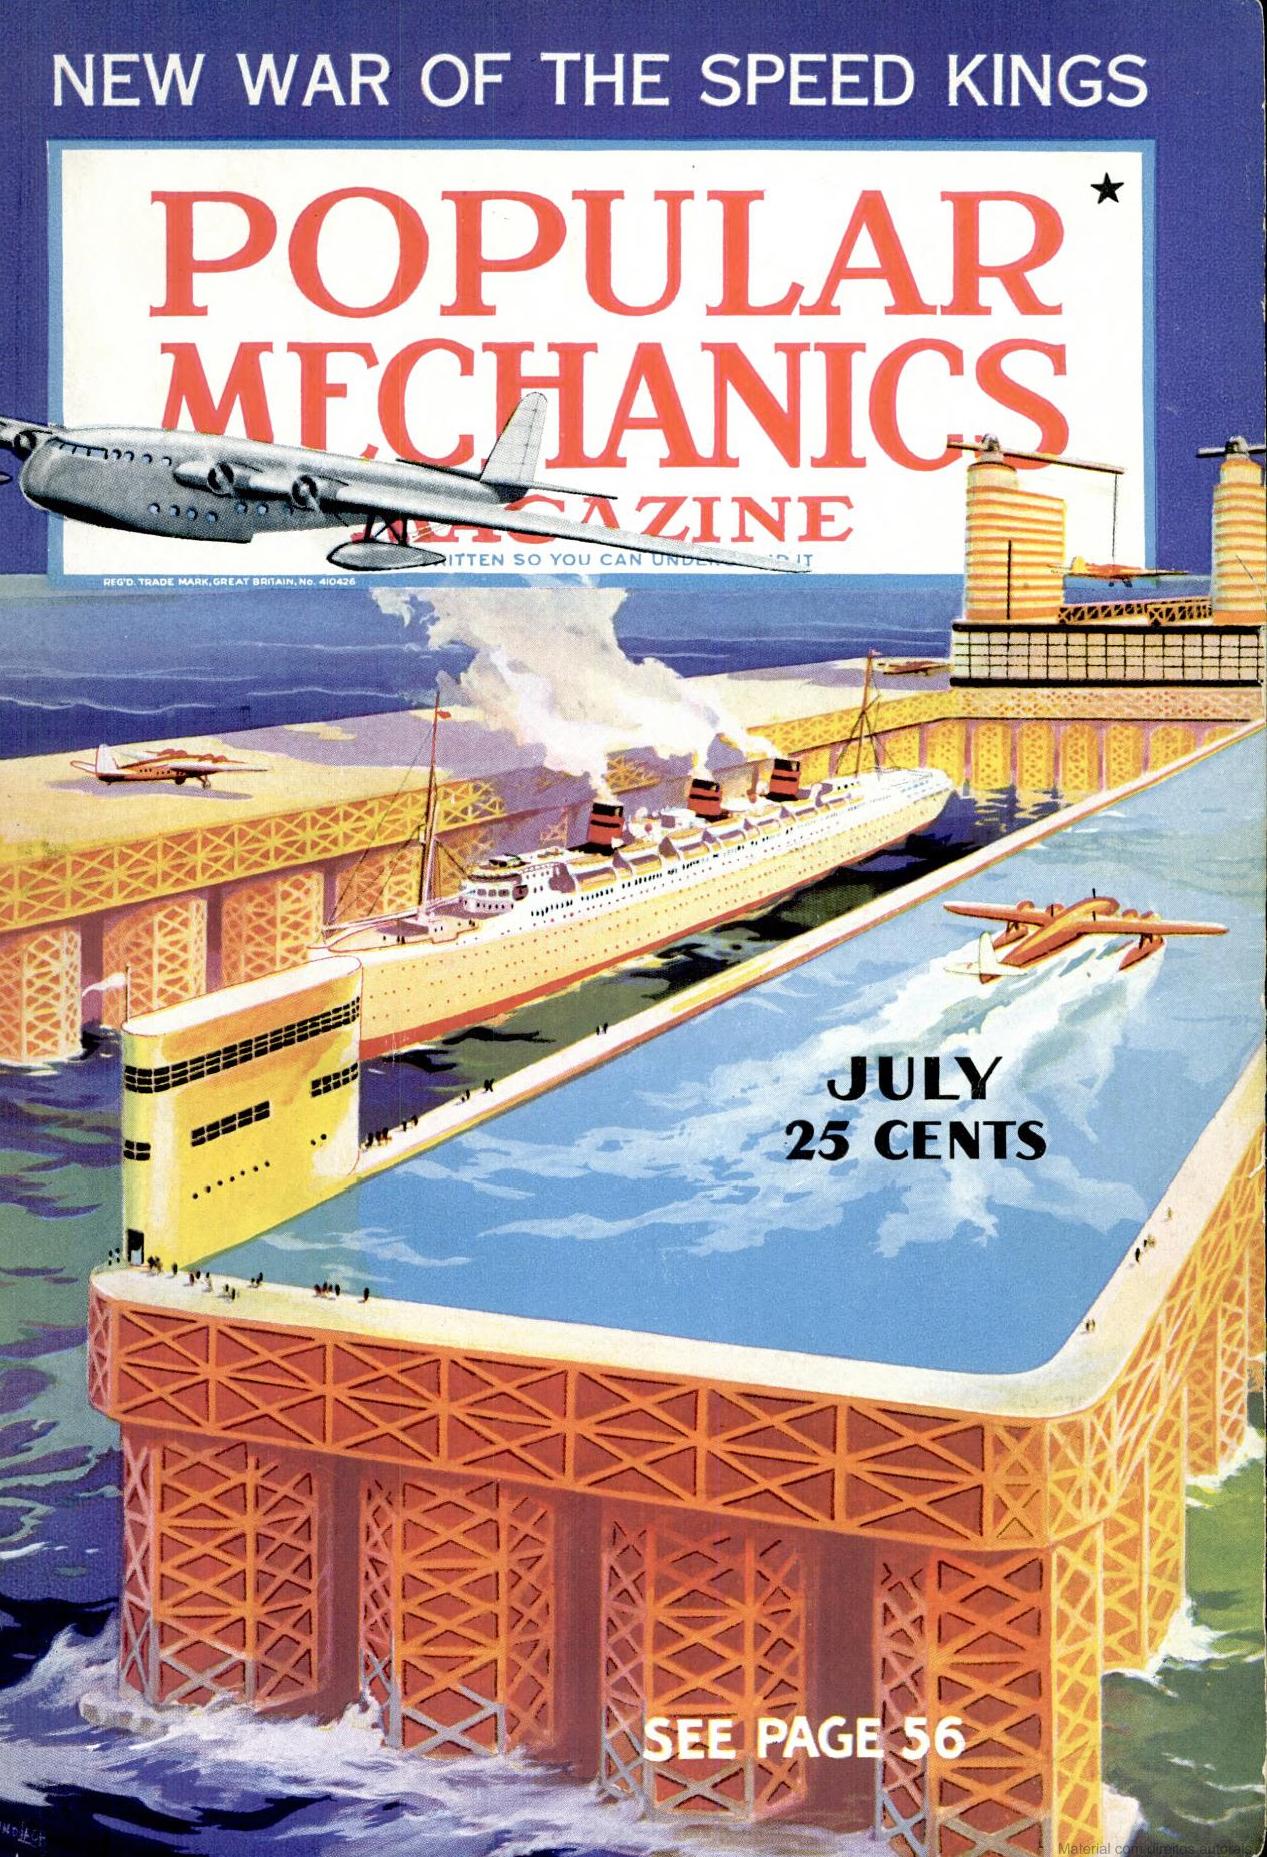 Edição de julho da revista Popular Mechanics, responsável por publicar uma reportagem que deu origem ao surfe no Brasil.